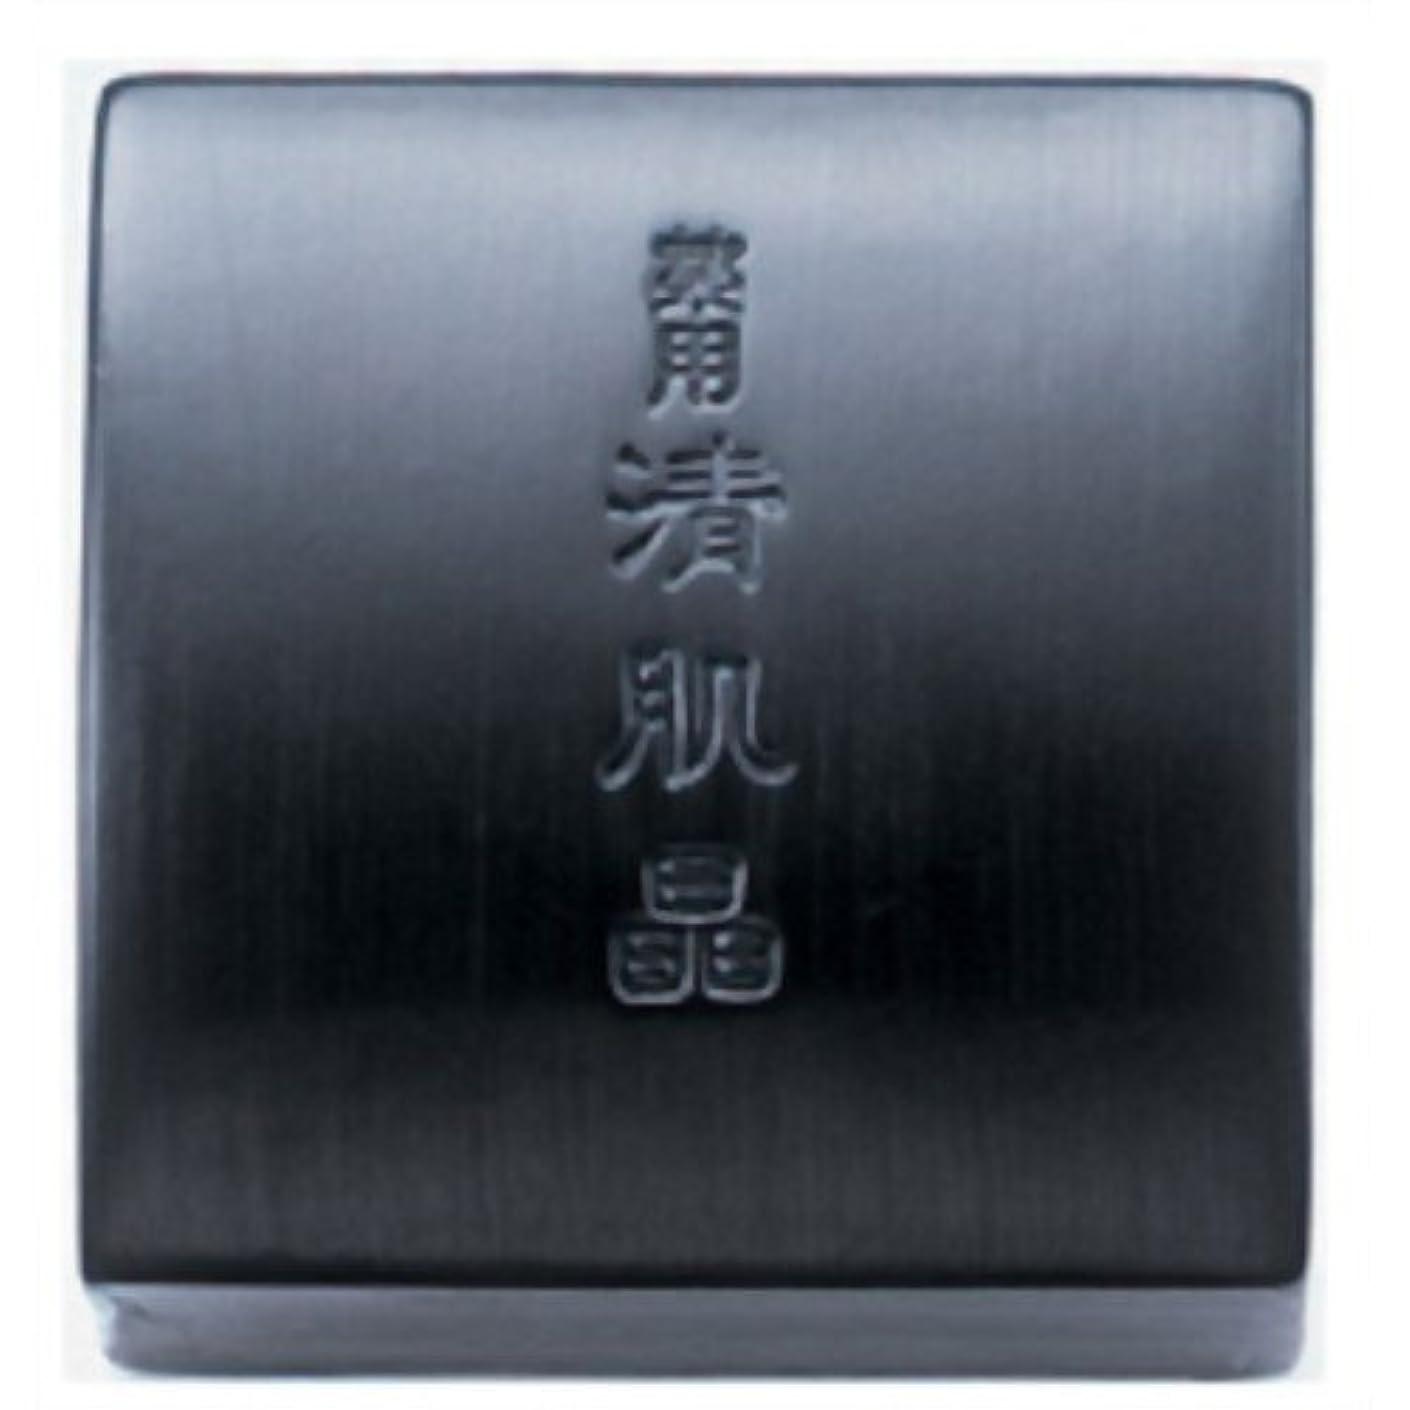 コーセー 薬用 清肌晶 120g